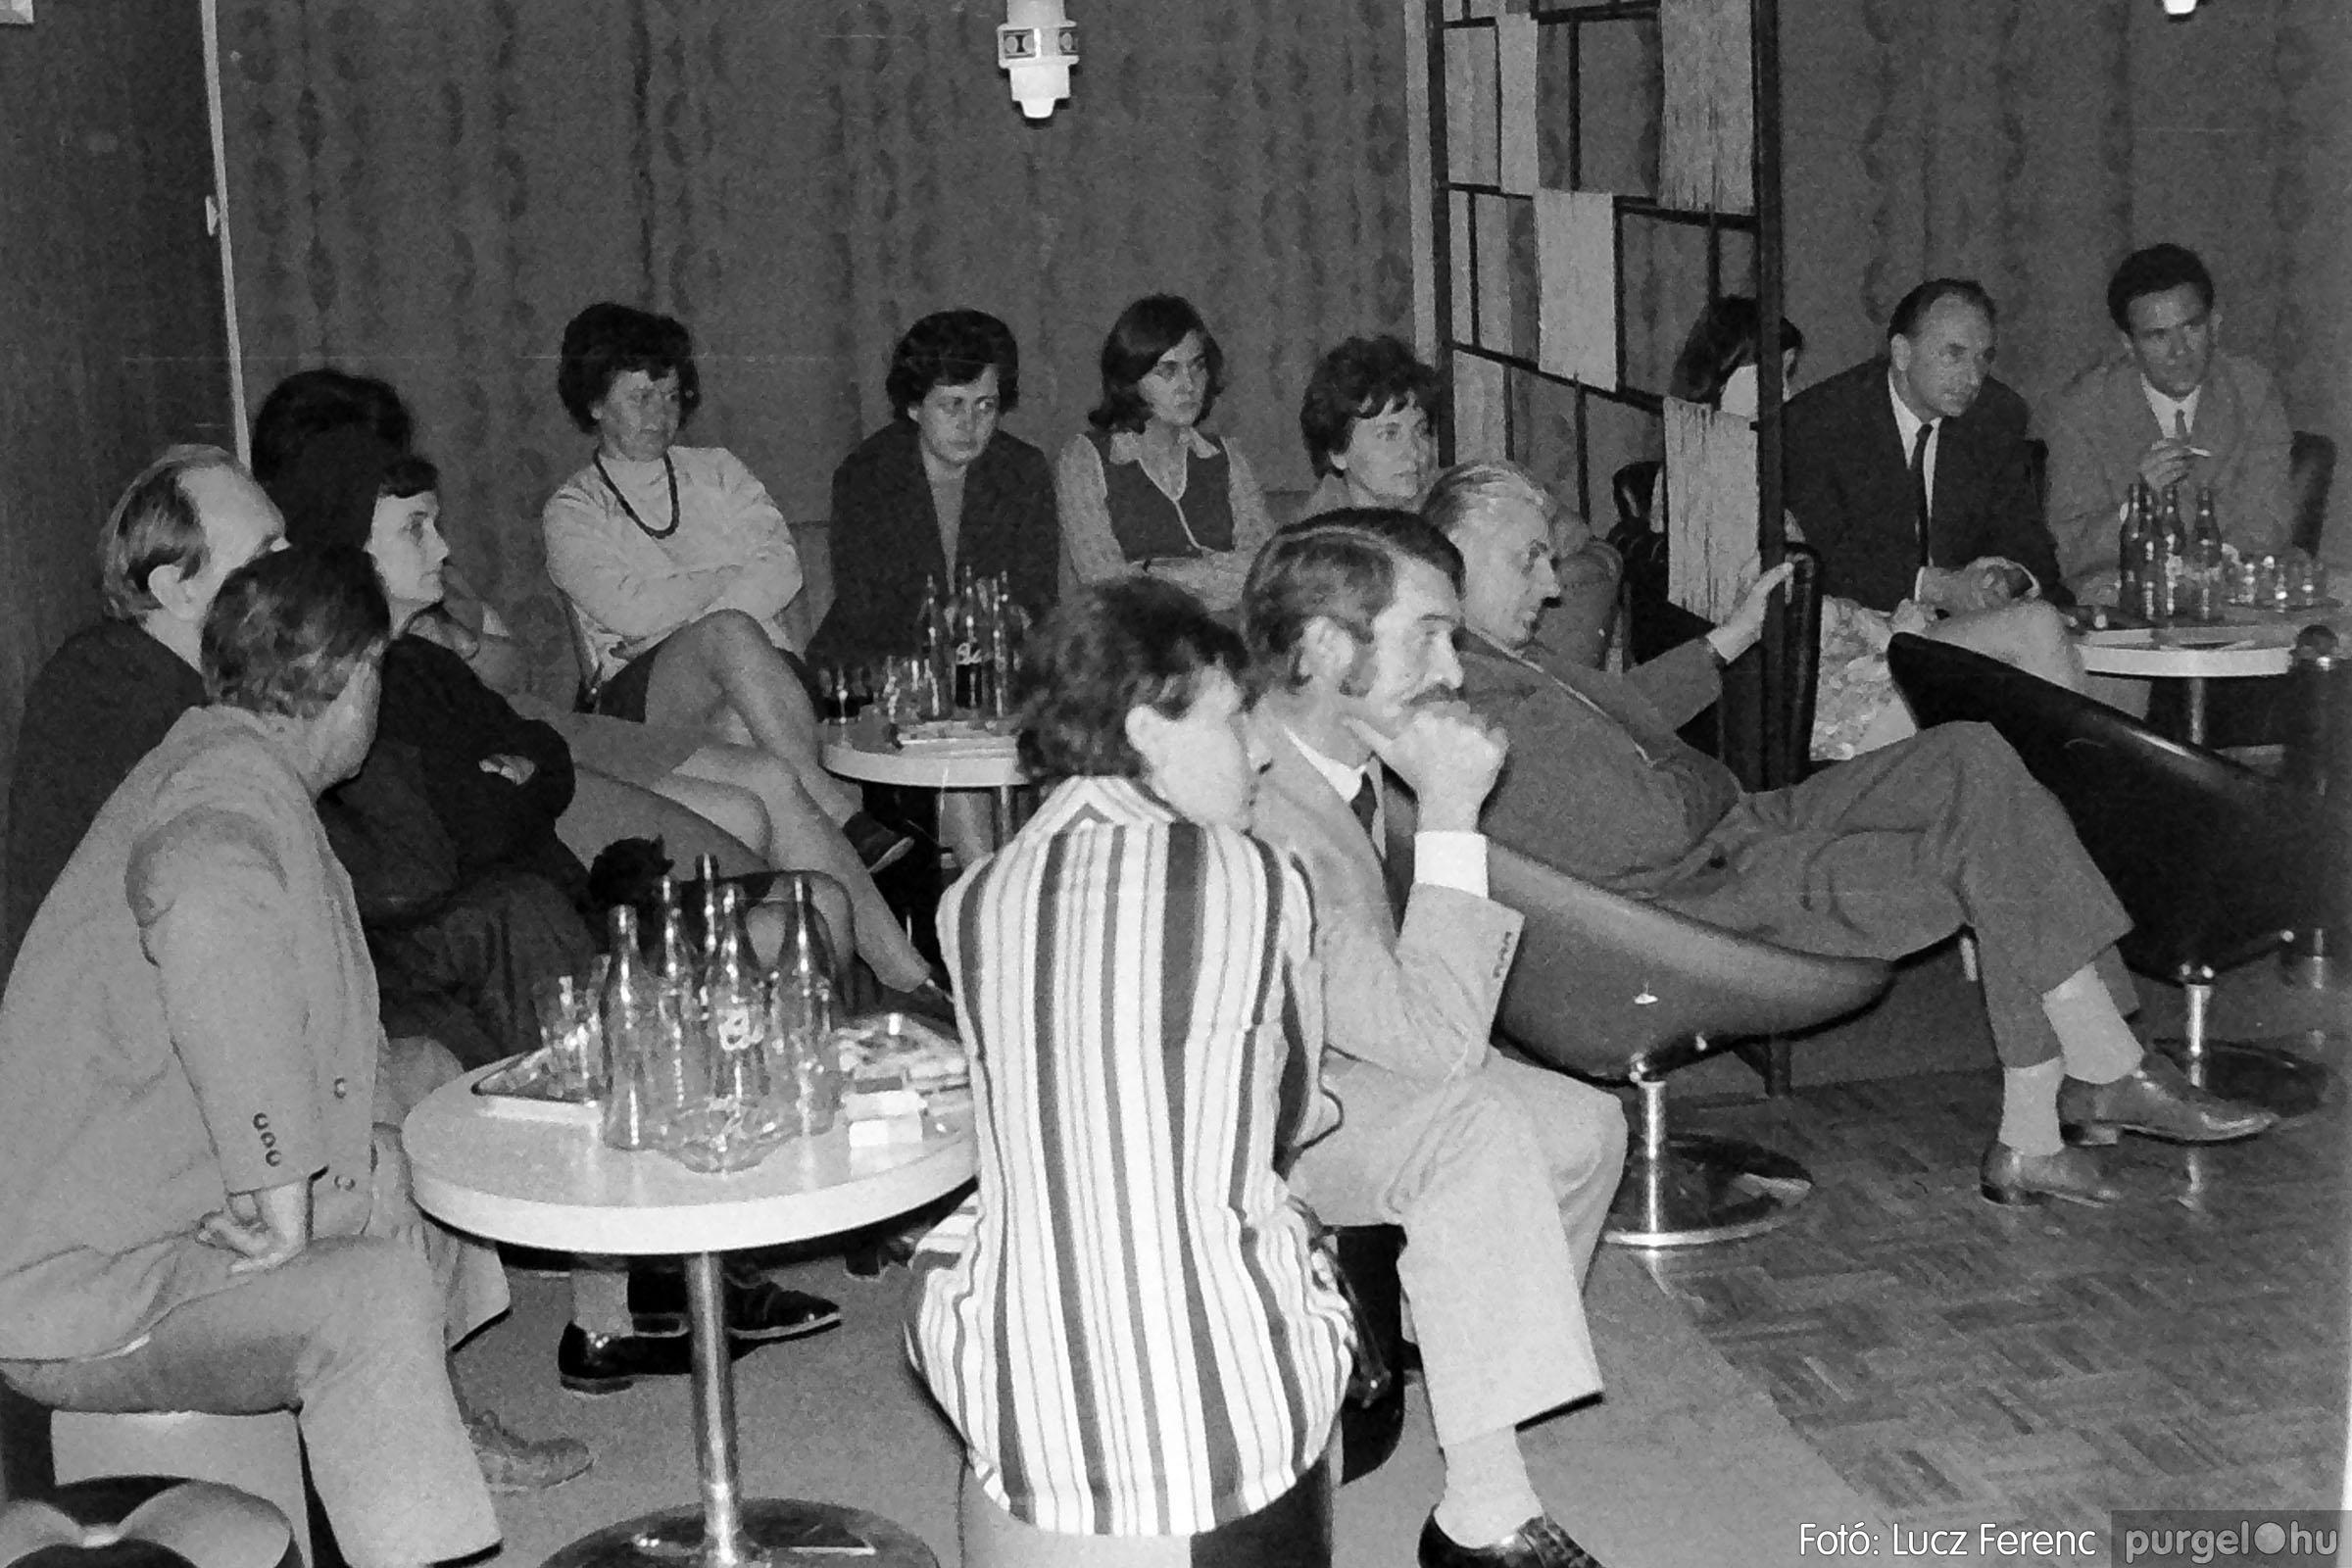 004A 1970-es évek - Ifjúsági klub 005 - Fotó: Lucz Ferenc IMG01166q.jpg